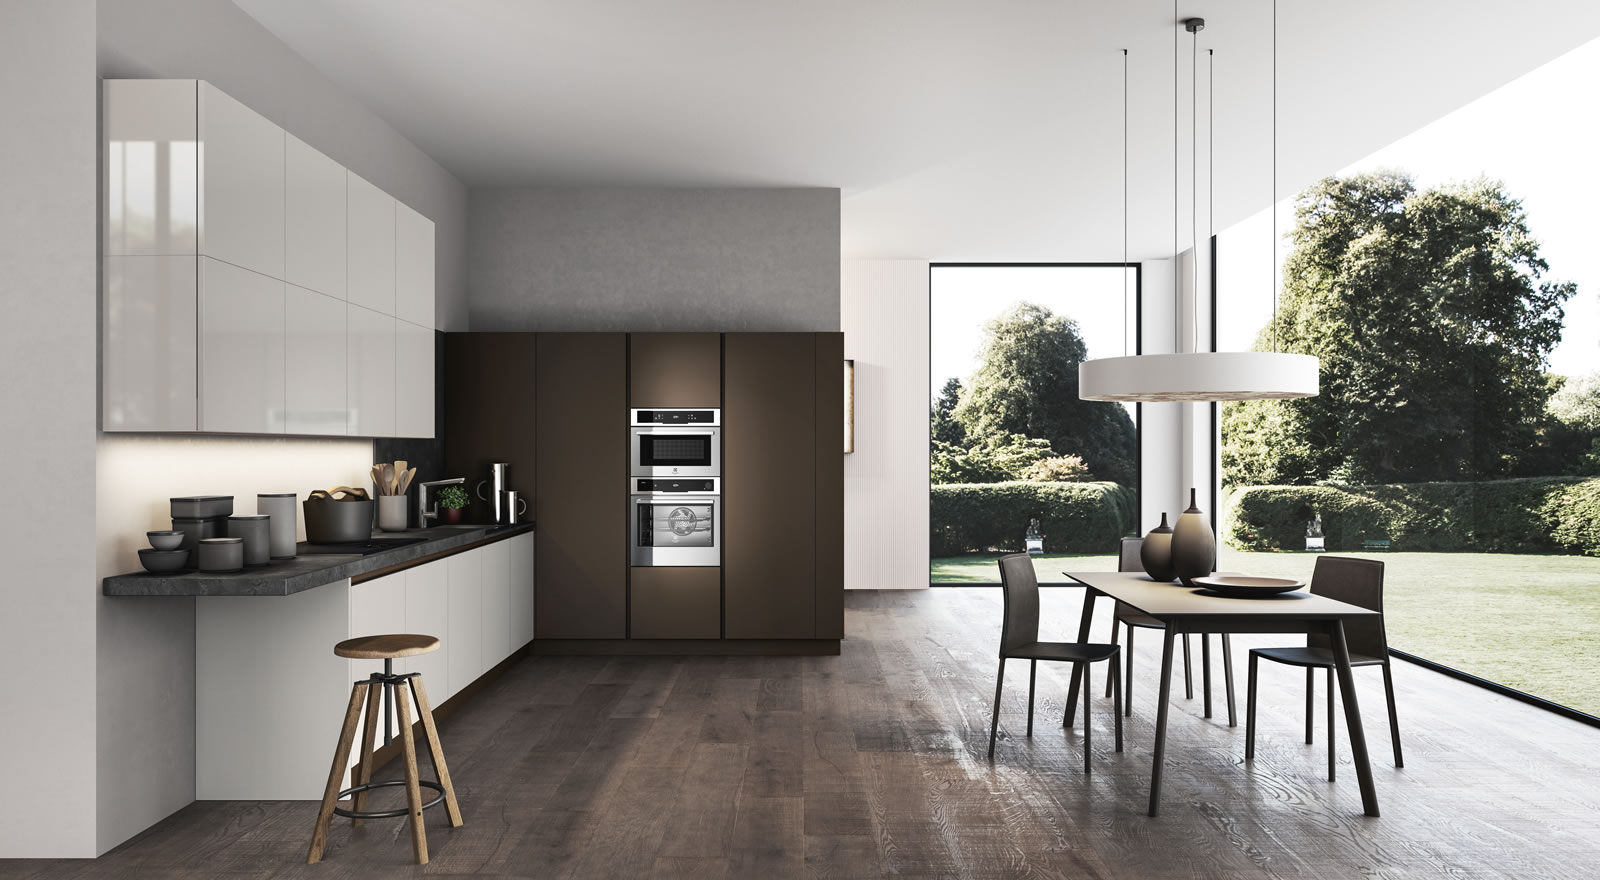 Arredamento Per Ufficio Cagliari : Cucine moderne e cucine classiche ad oristano piroddi arredamenti